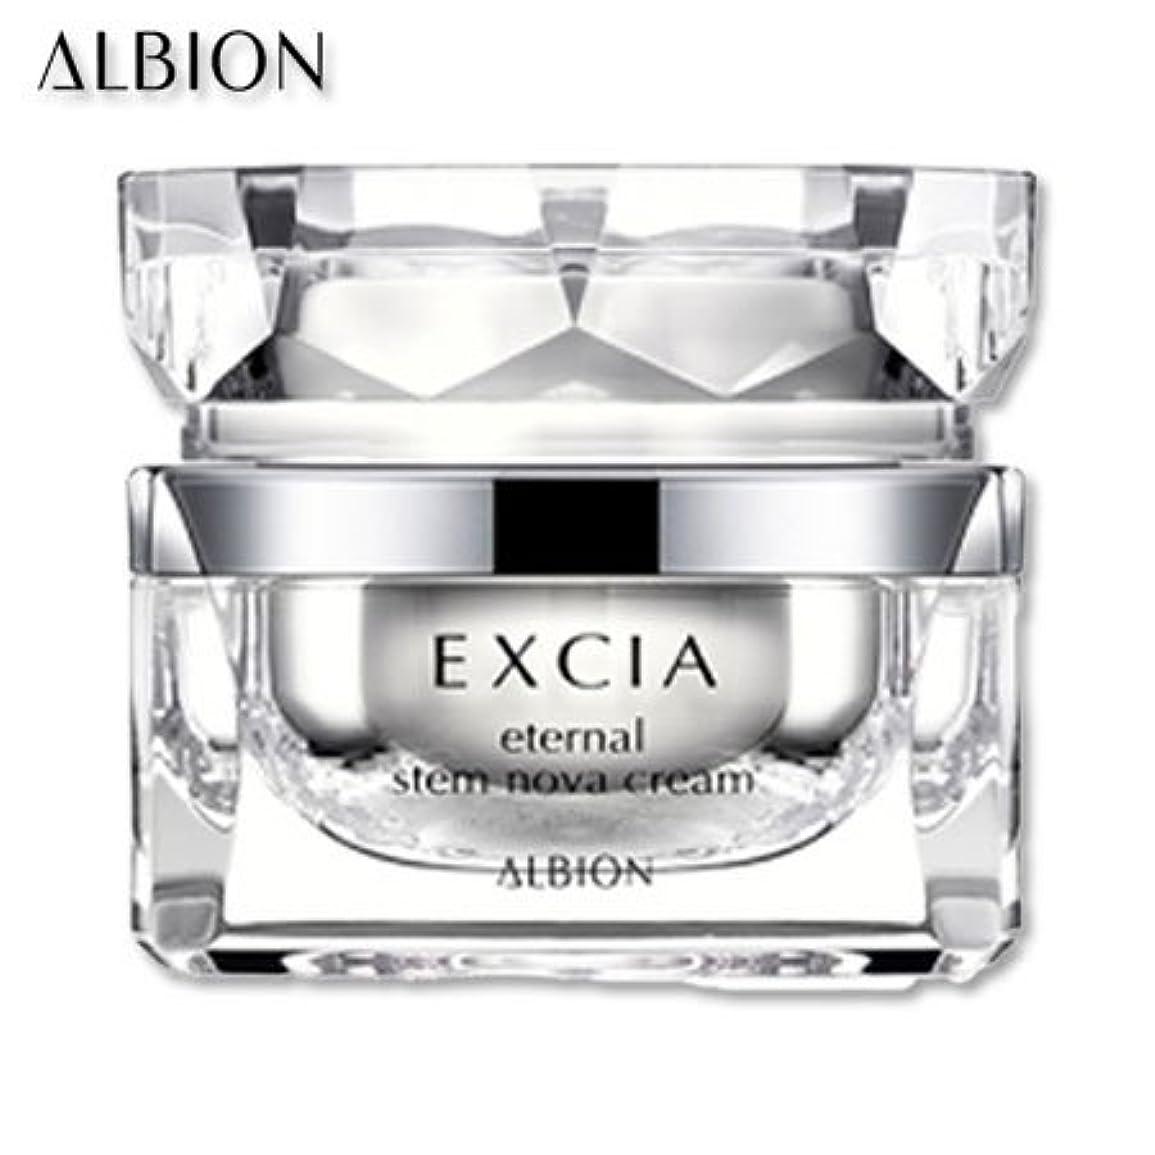 オデュッセウスの量競うアルビオン エクシア AL エターナル ステム ノーヴァ クリーム 30g-ALBION-